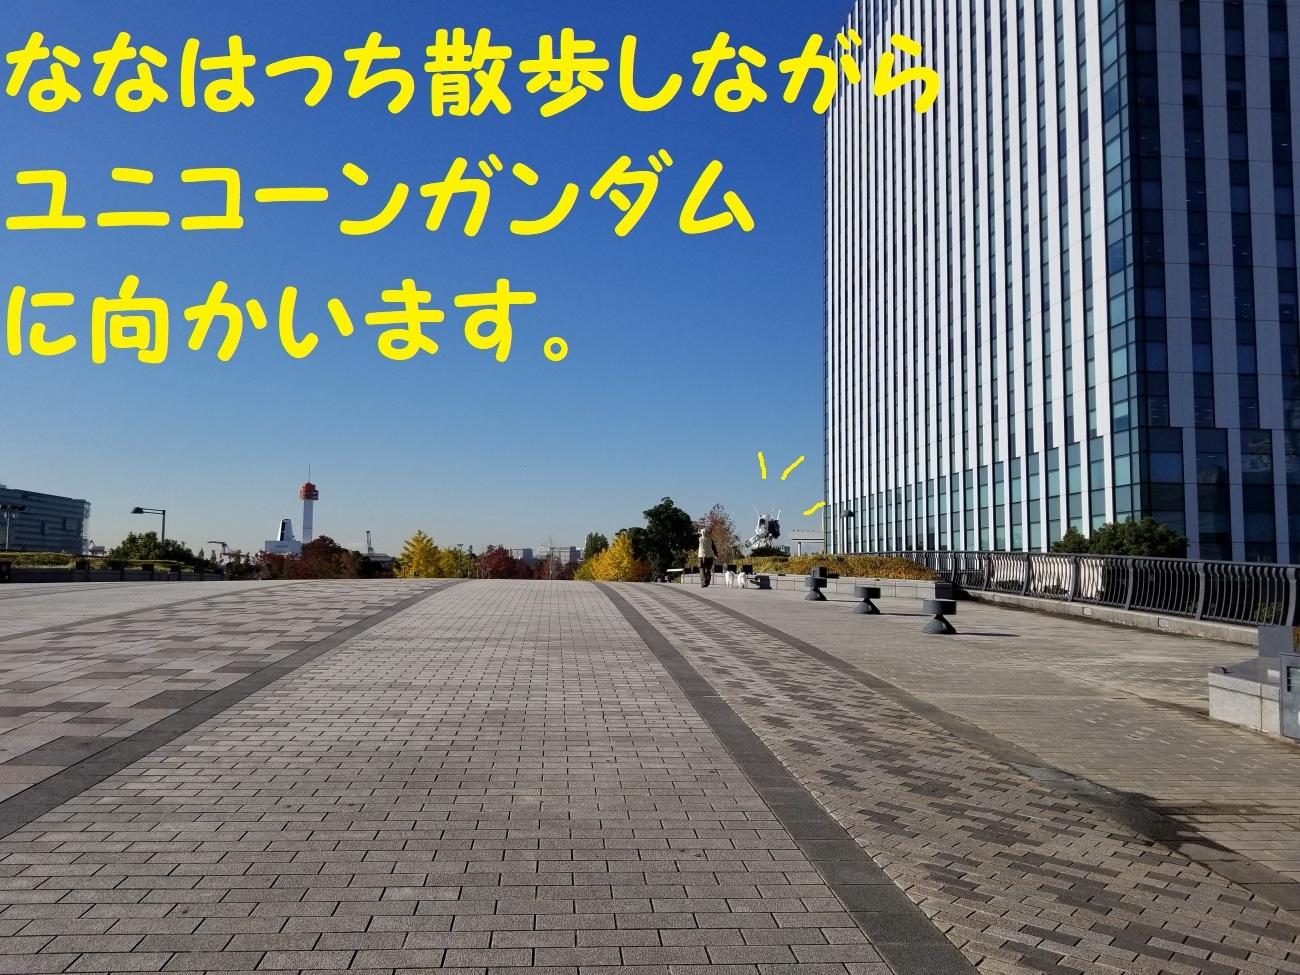 20171124_093845.jpg